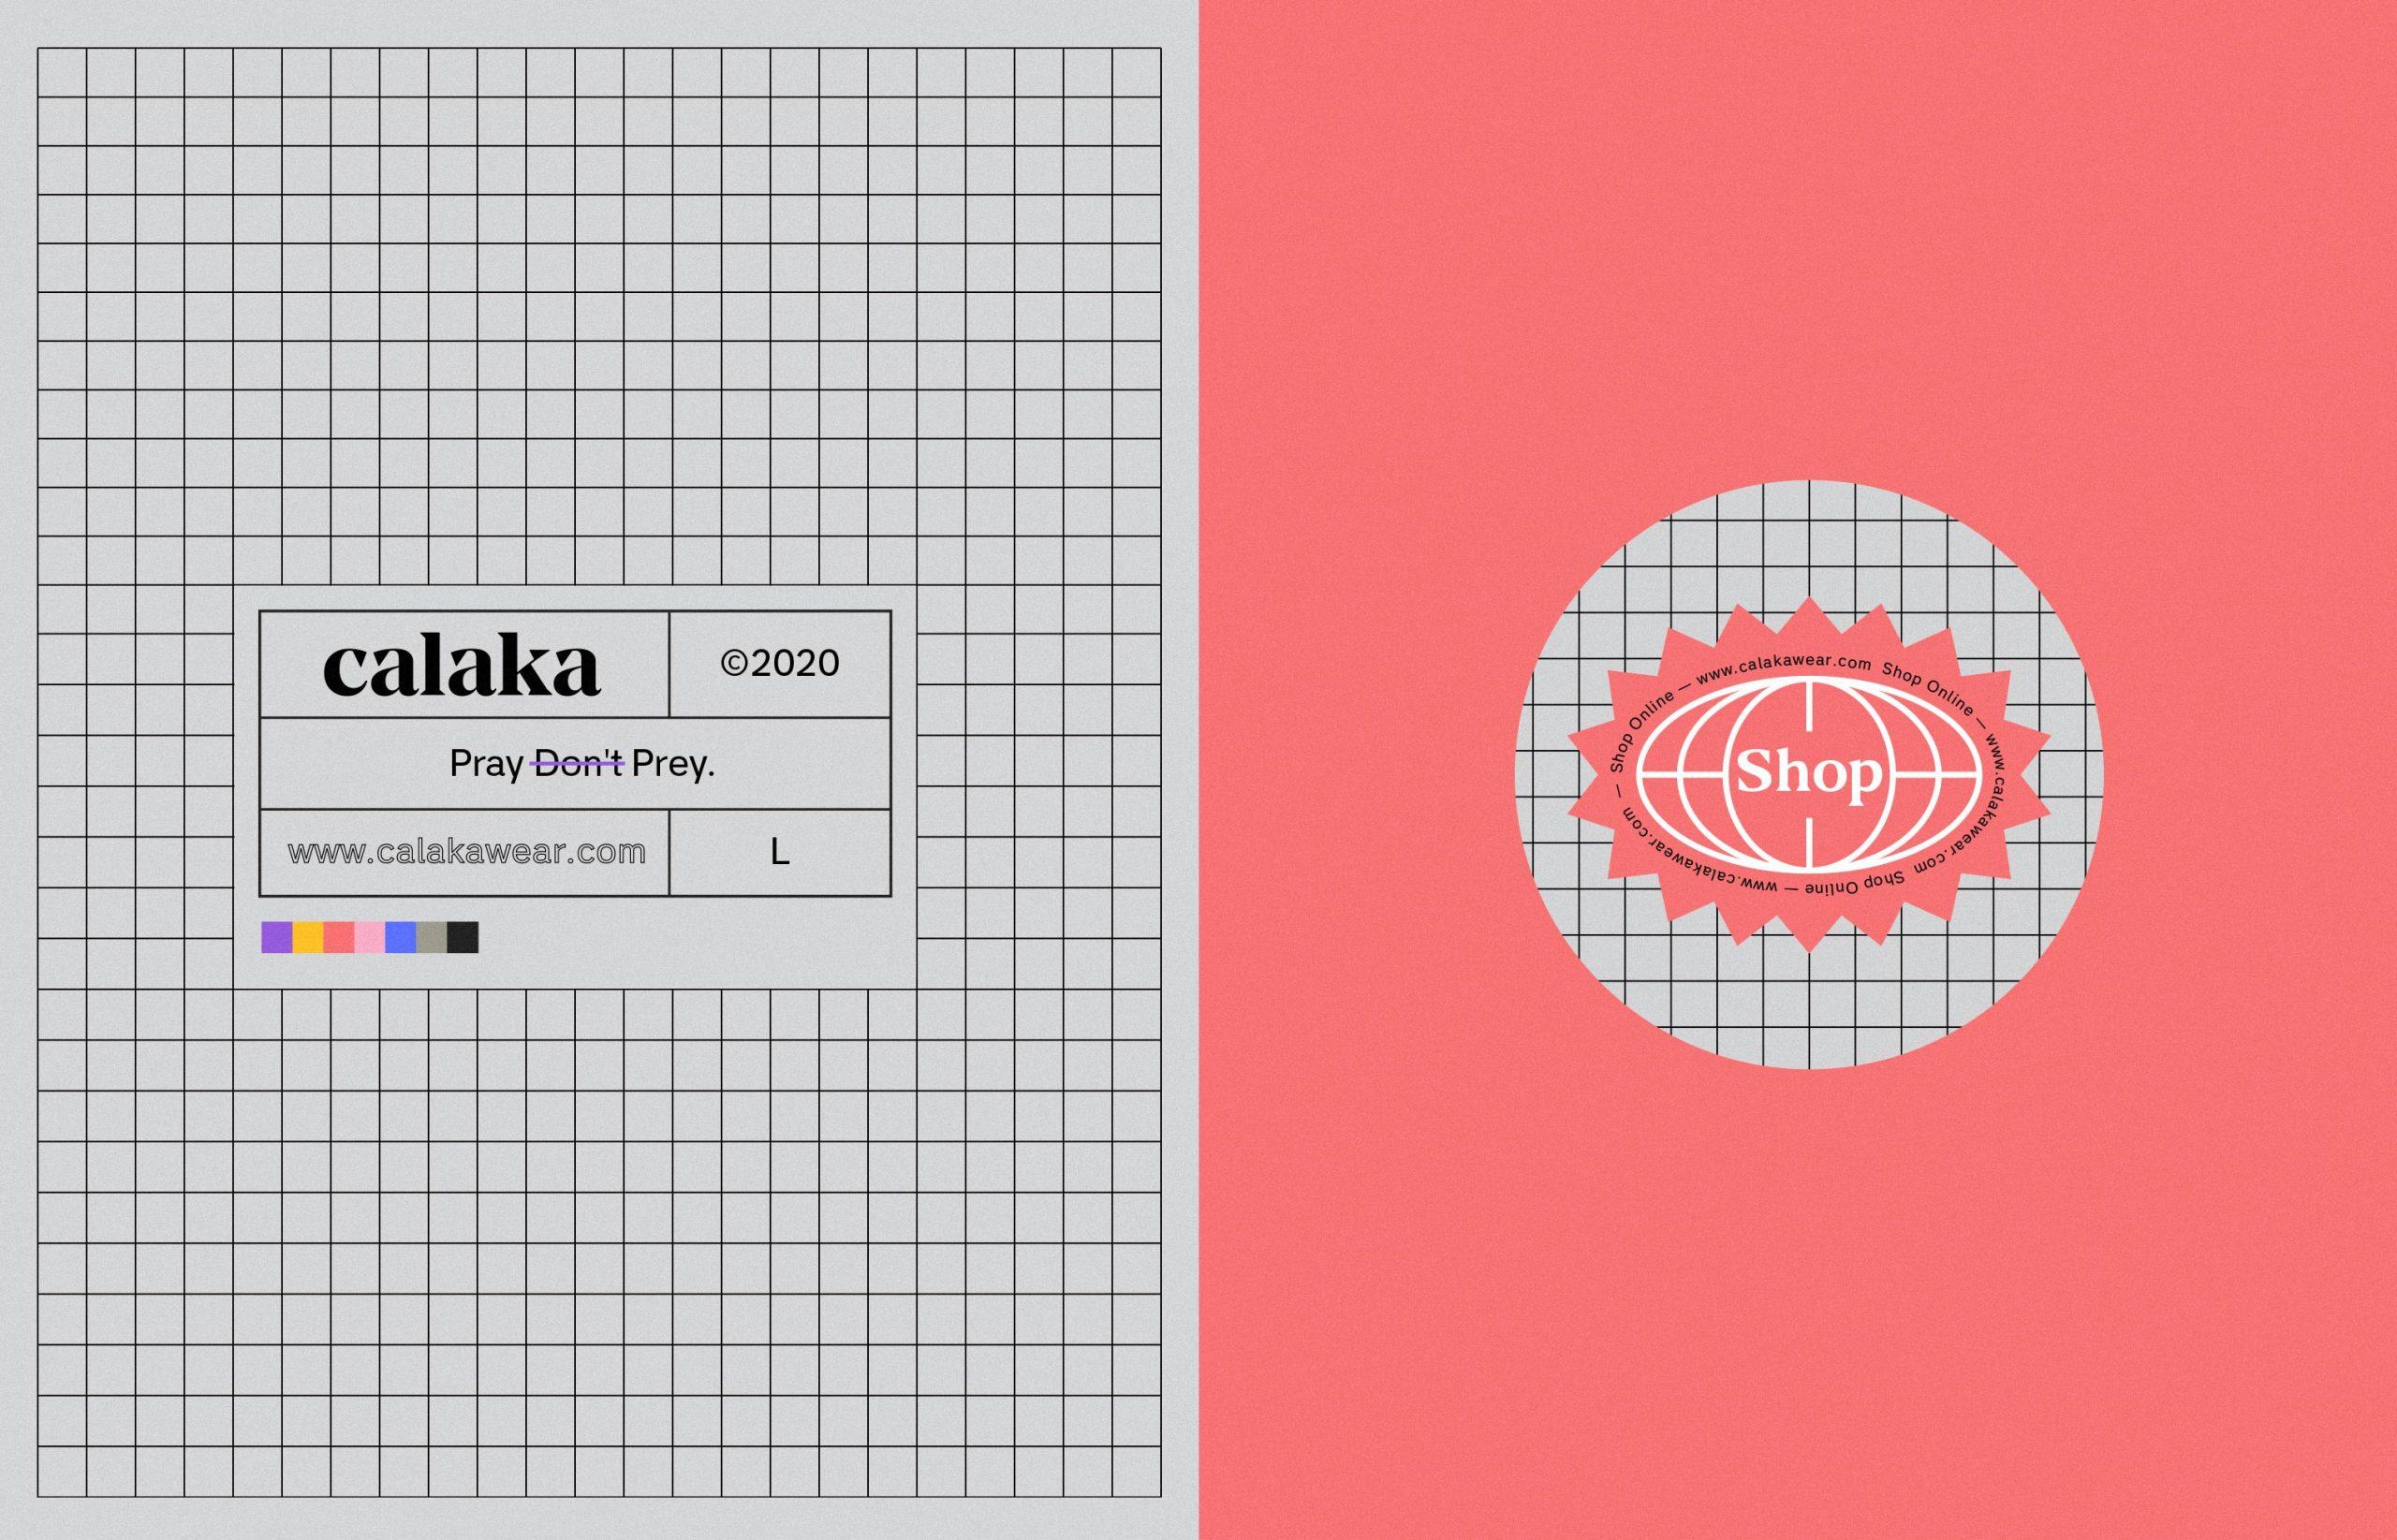 Calaka-Wear-016